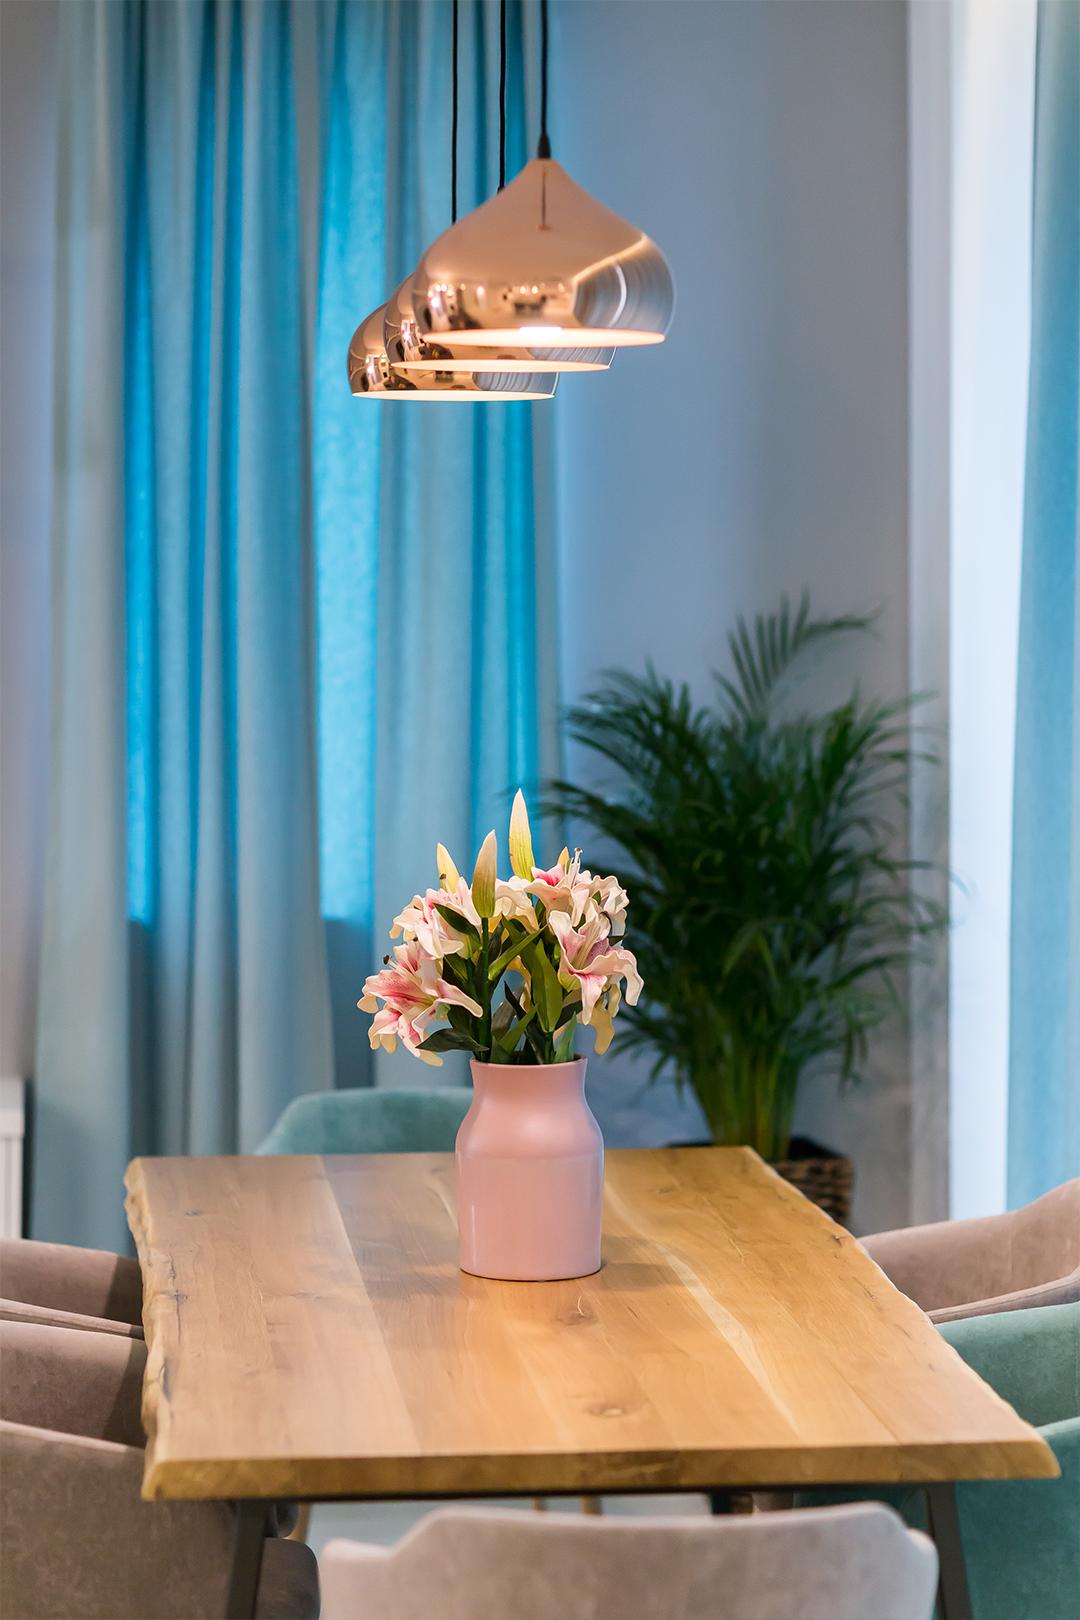 Corpurile suspendate in nuanta cuprului reprezinta un accent glam, care contrasteaza cu aspectul brut al mesei.